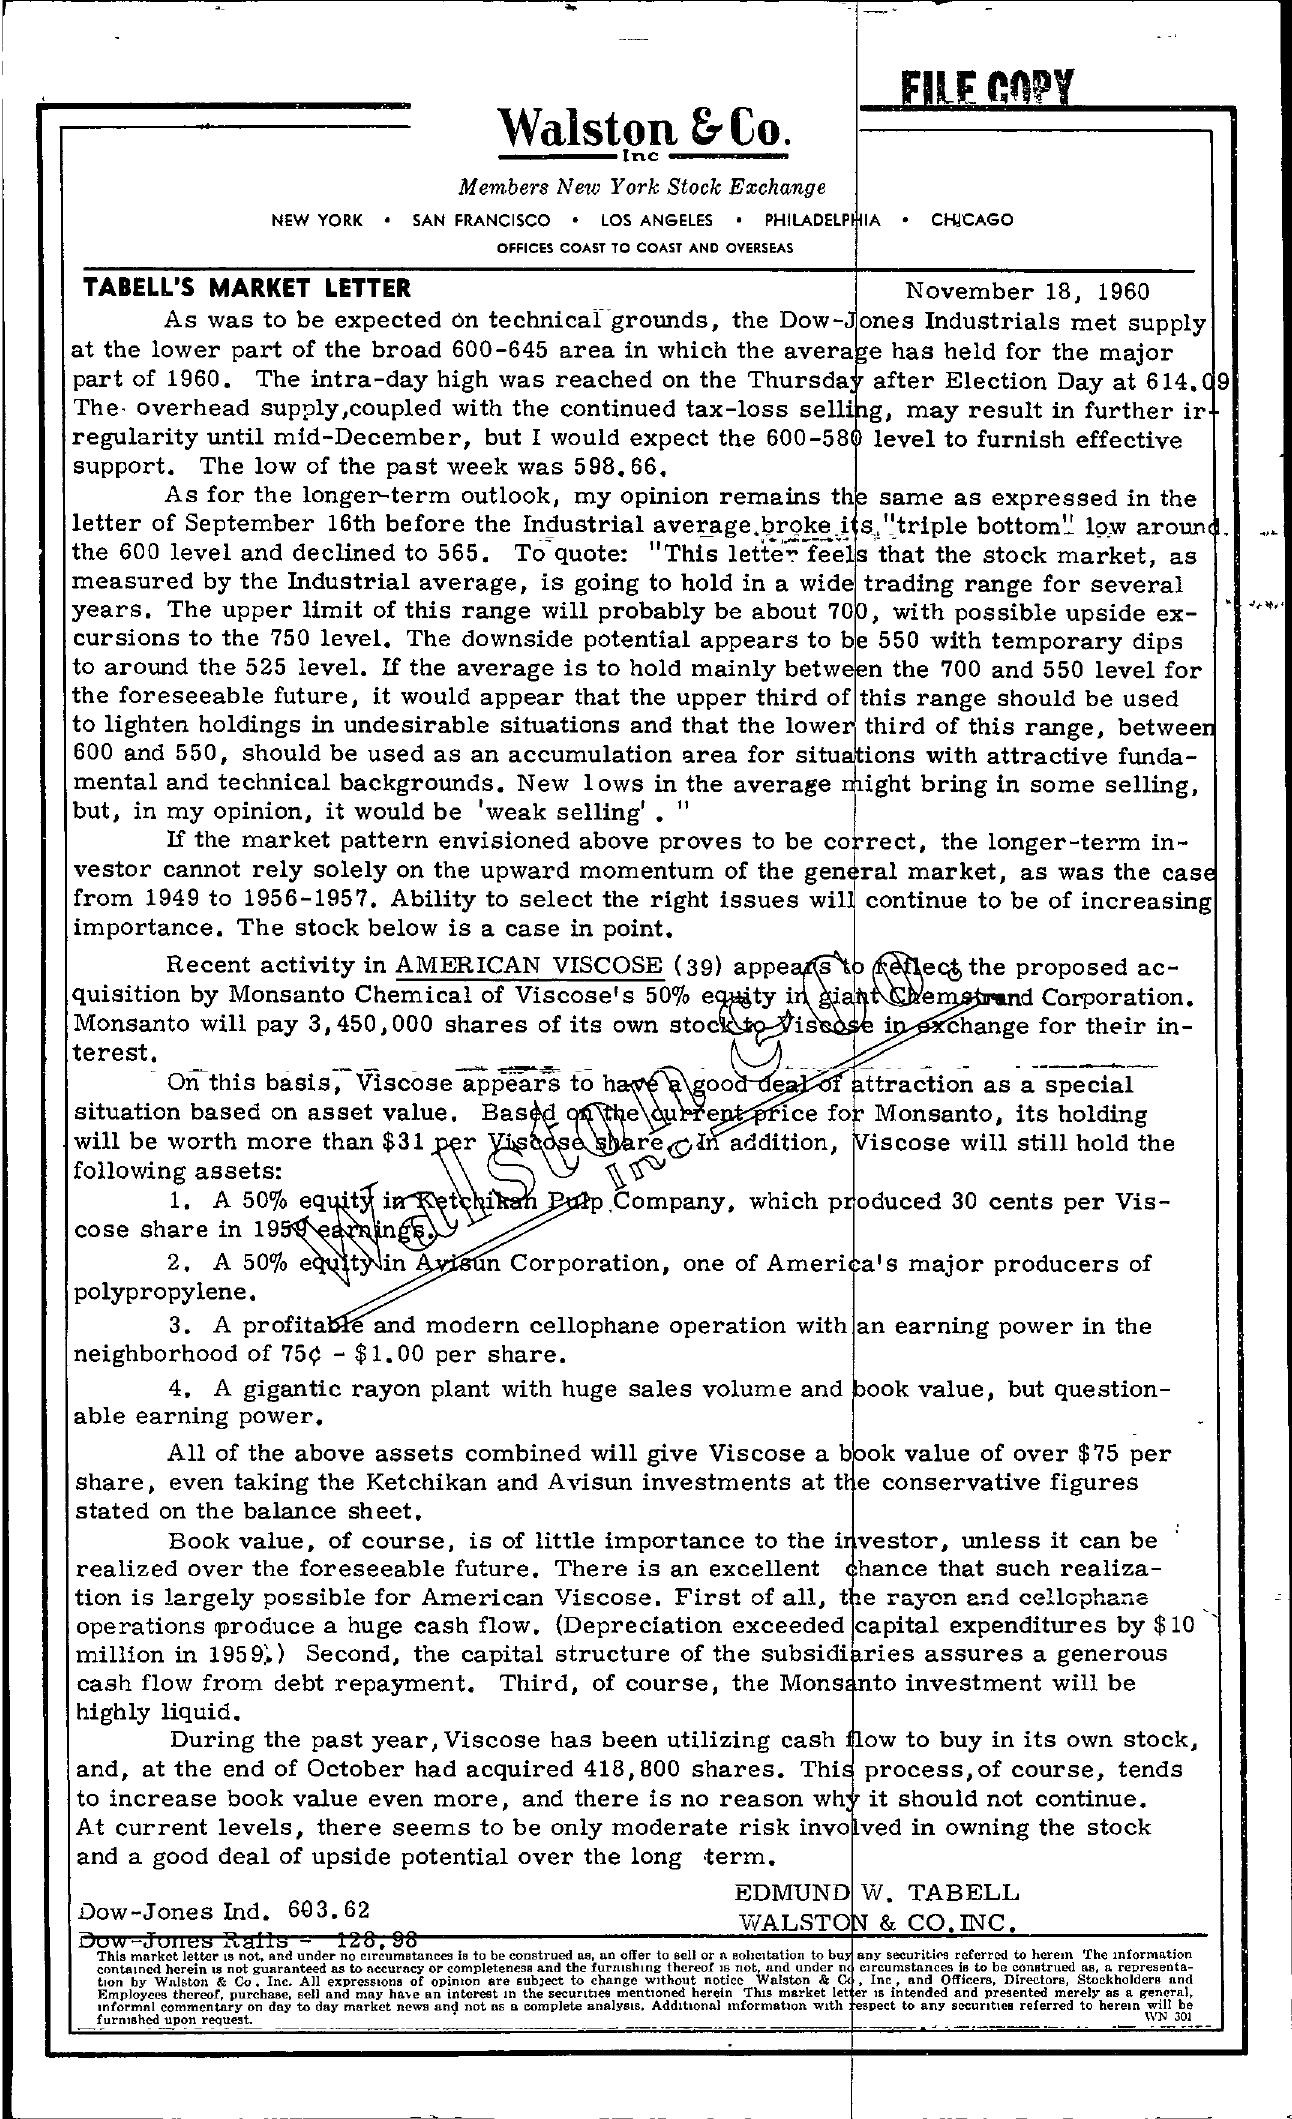 Tabell's Market Letter - November 18, 1960